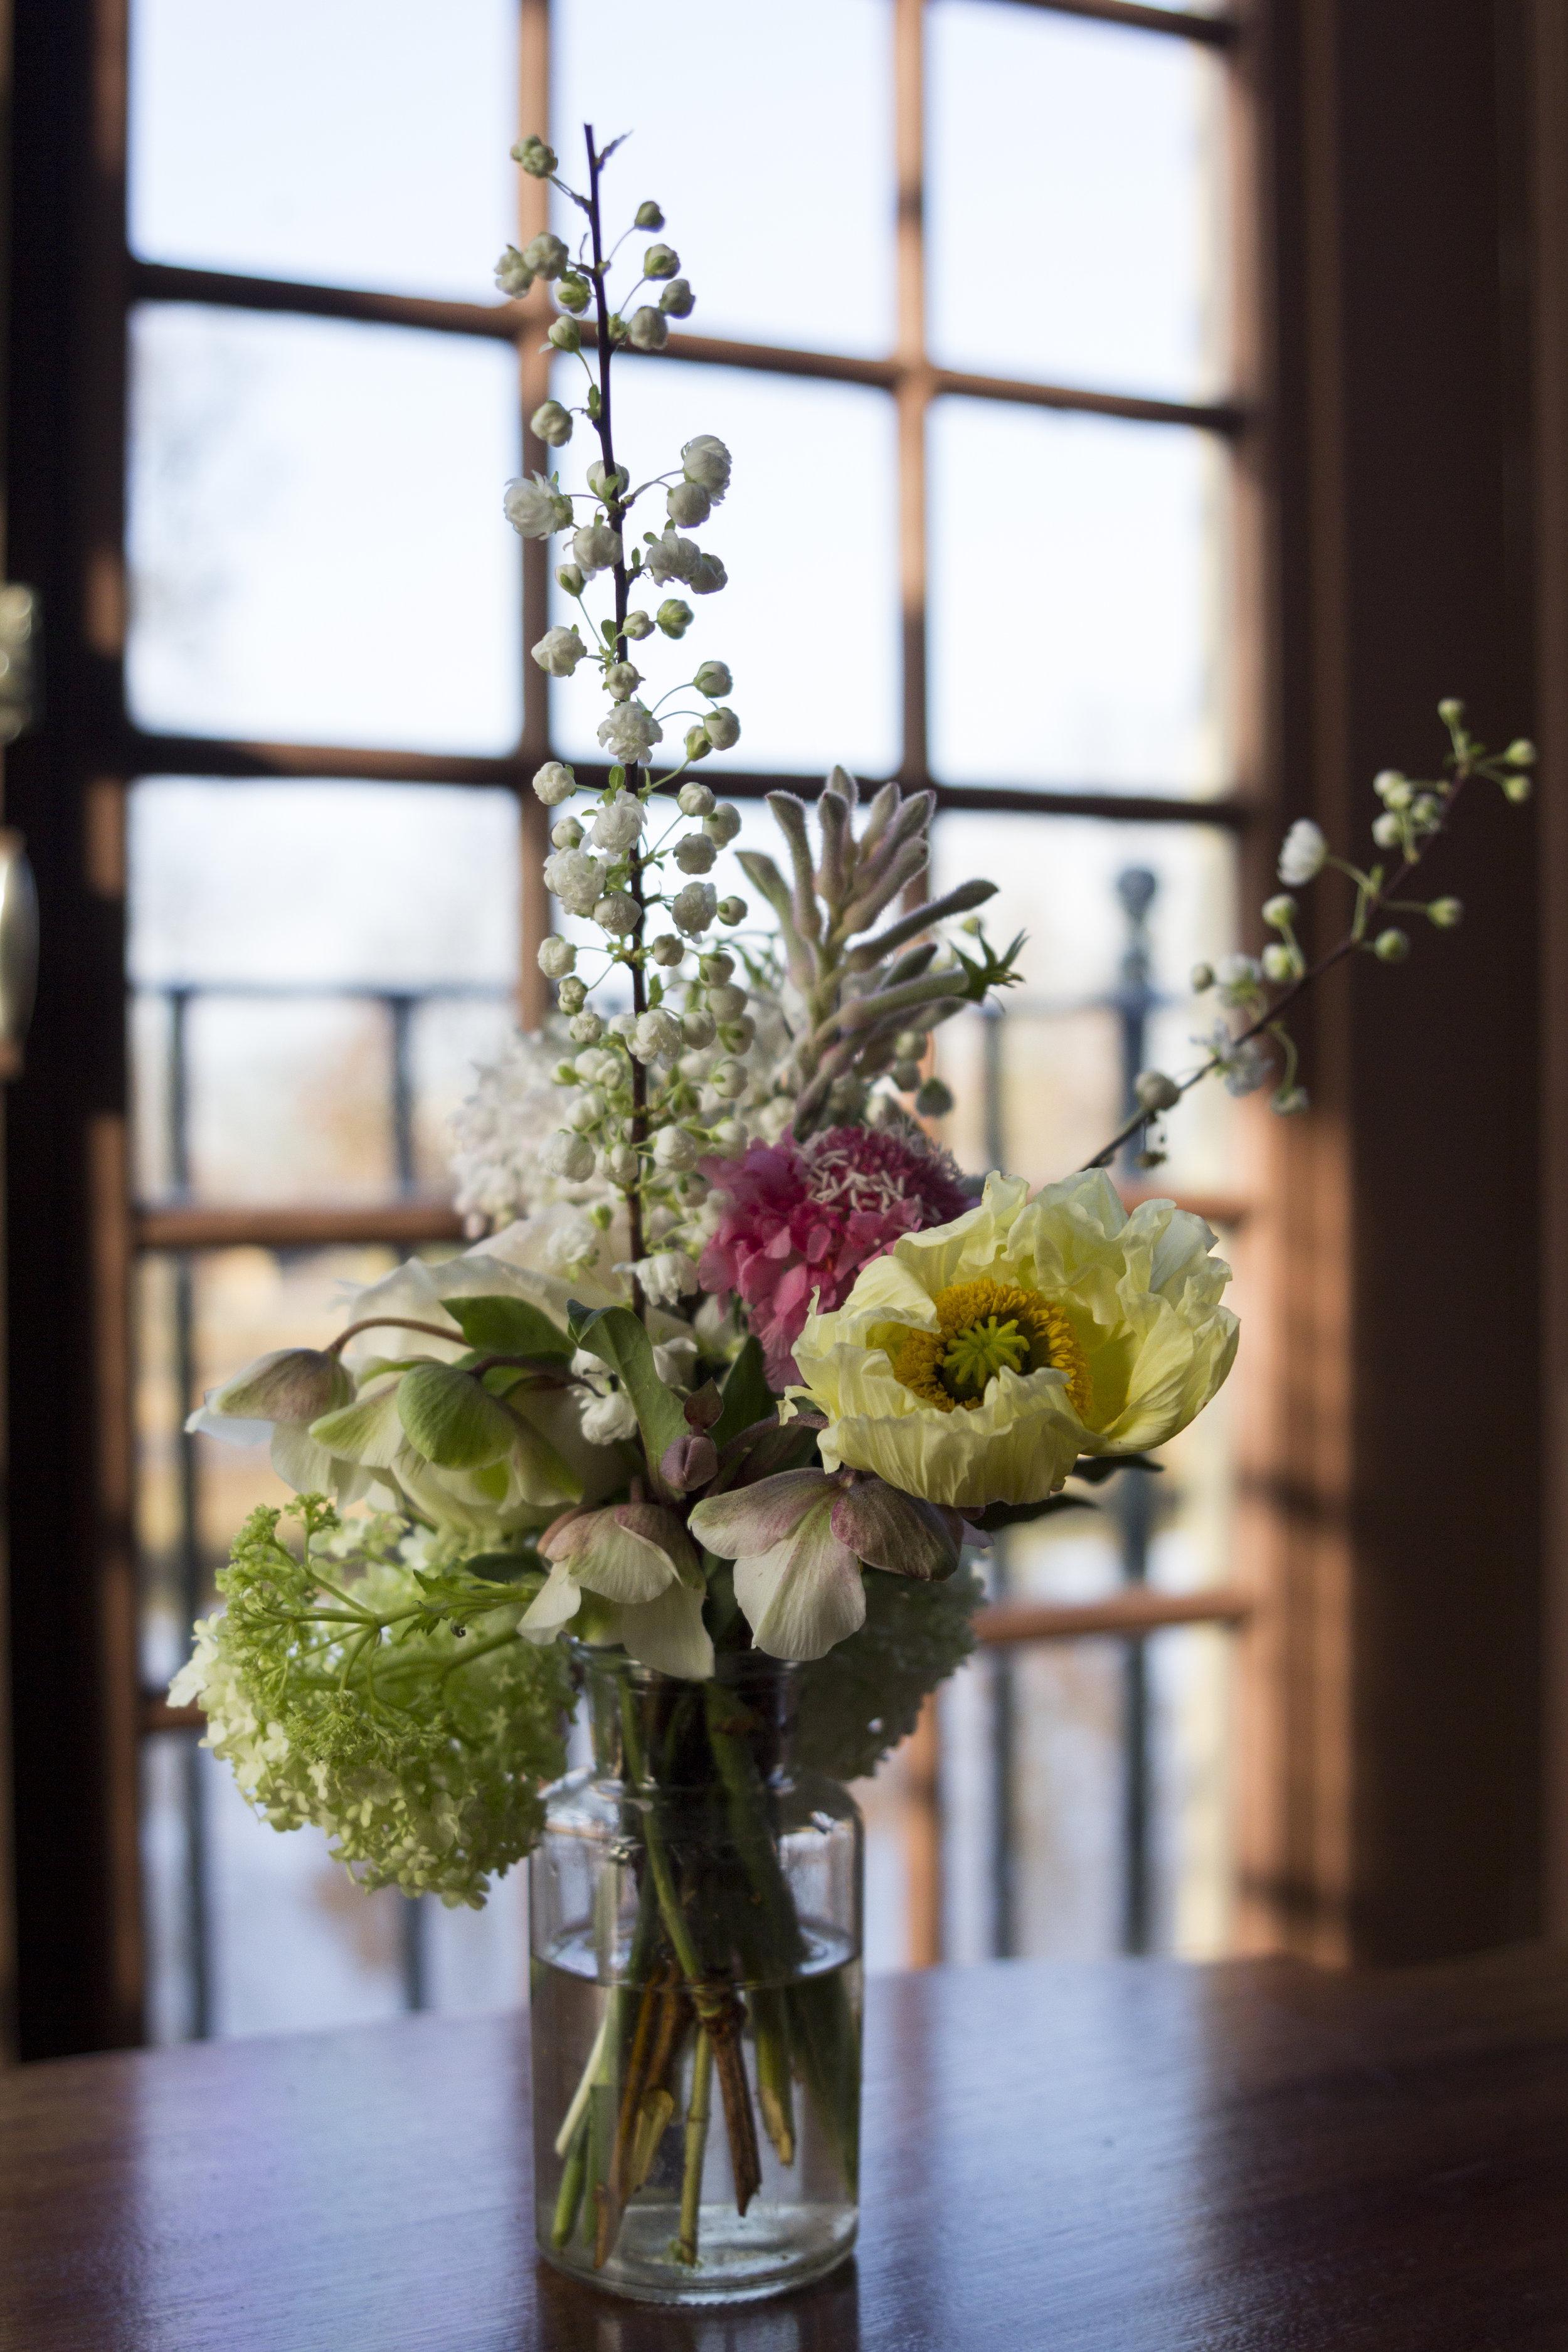 #apbloem #florist #wedding #trouwlocatie #trouw #waterways #holland #manorhouse #Klassiek #Landelijk #Romantisch #groen #Noordholland # wedding # Love #marriage #bride #groom #trompenburgh #bloemist #shop #kerkstraat #bloemen #stijl #styling #floristry #bloemenwinkel #colour #kleur #arrangement #floral #artisan #handmade #goldenage #luxury #VerenigingHendrickdeKeyser #vip #bruid #bridal #Receptie #diner #tafels #Kastelen #herenhuizen #aisle #bouquet #boeket #vaas #vase